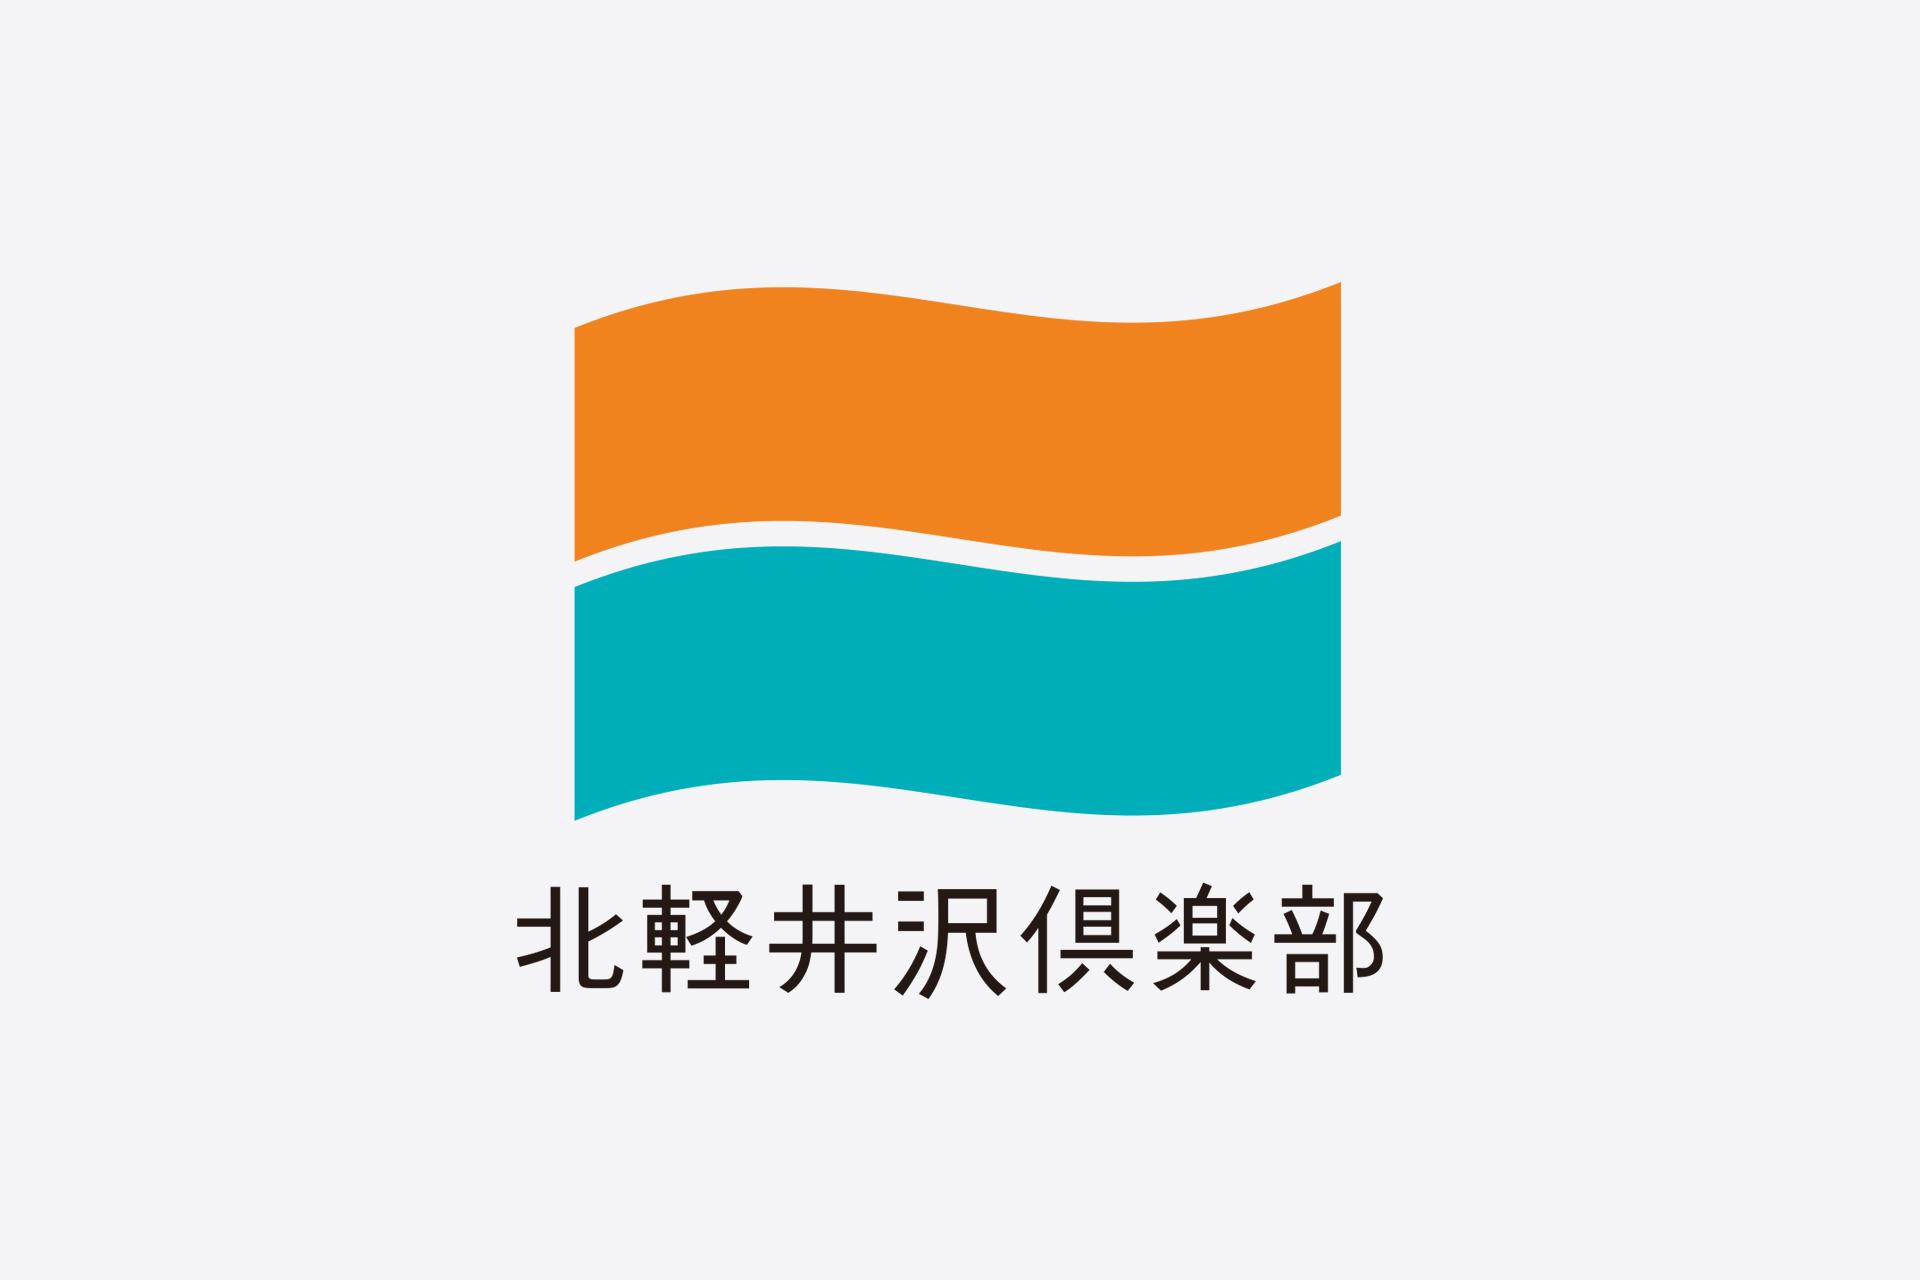 北軽井沢倶楽部